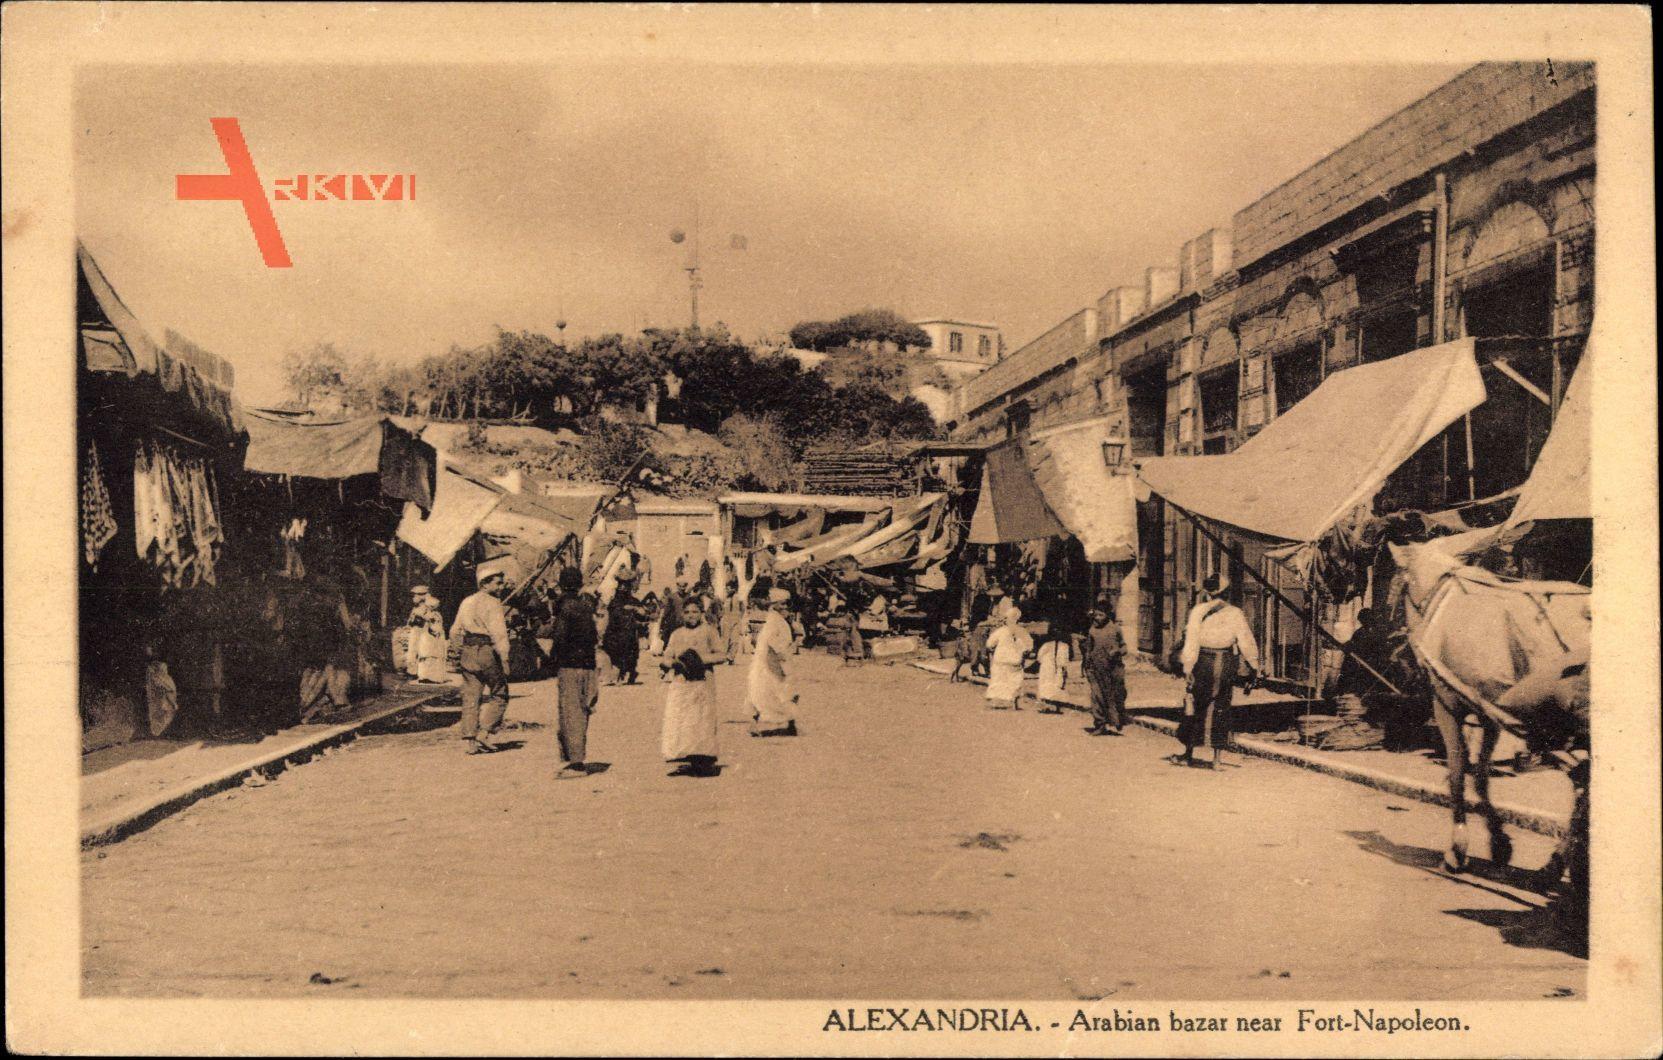 Alexandria Ägypten, Arabian bazar neat Fort Napoleon, Kutsche, Araber